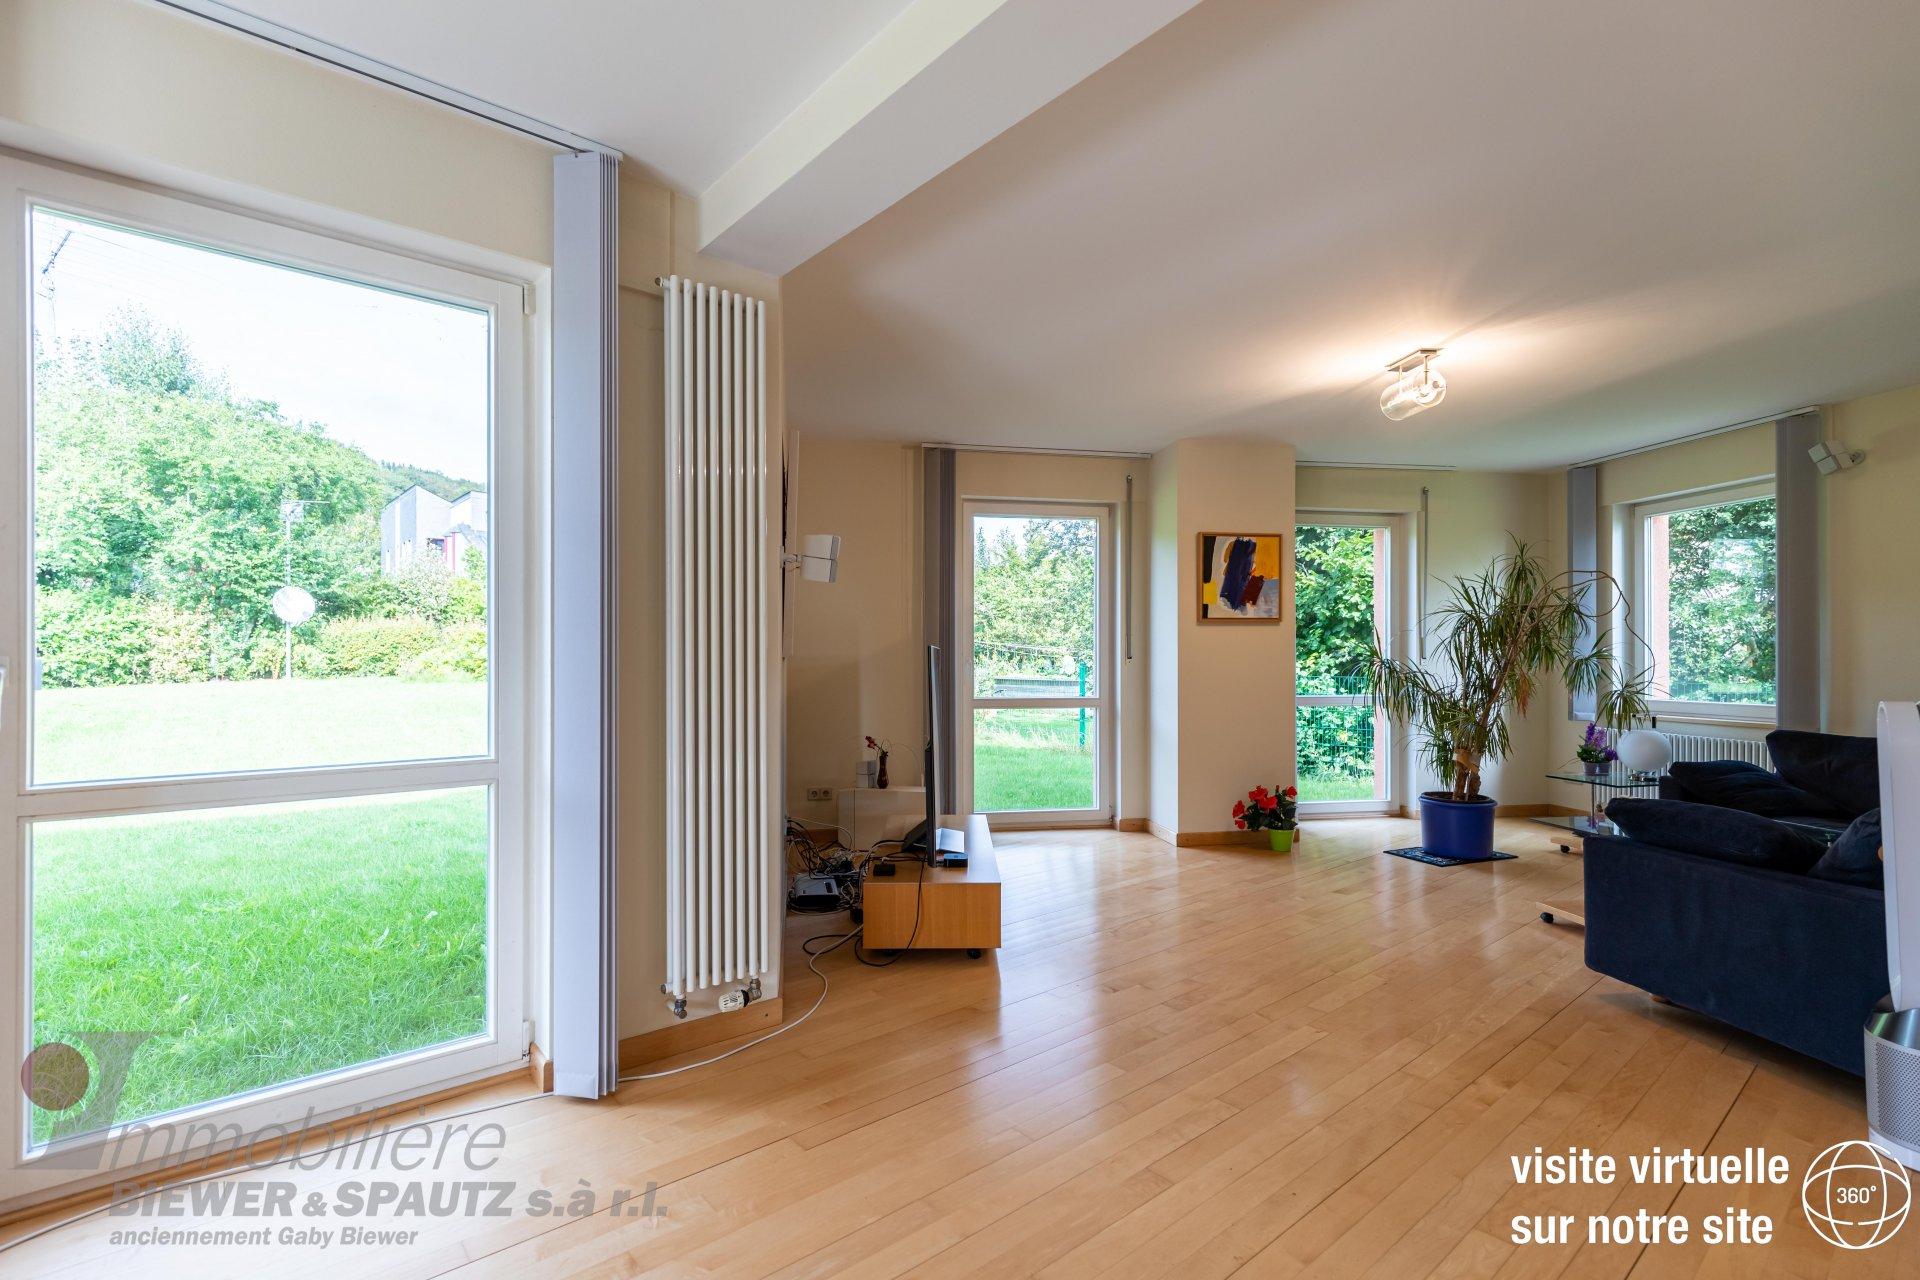 ZU VERKAUFEN - Freistehendes Architektenhaus  mit 3 Schlafzimmern in Bech